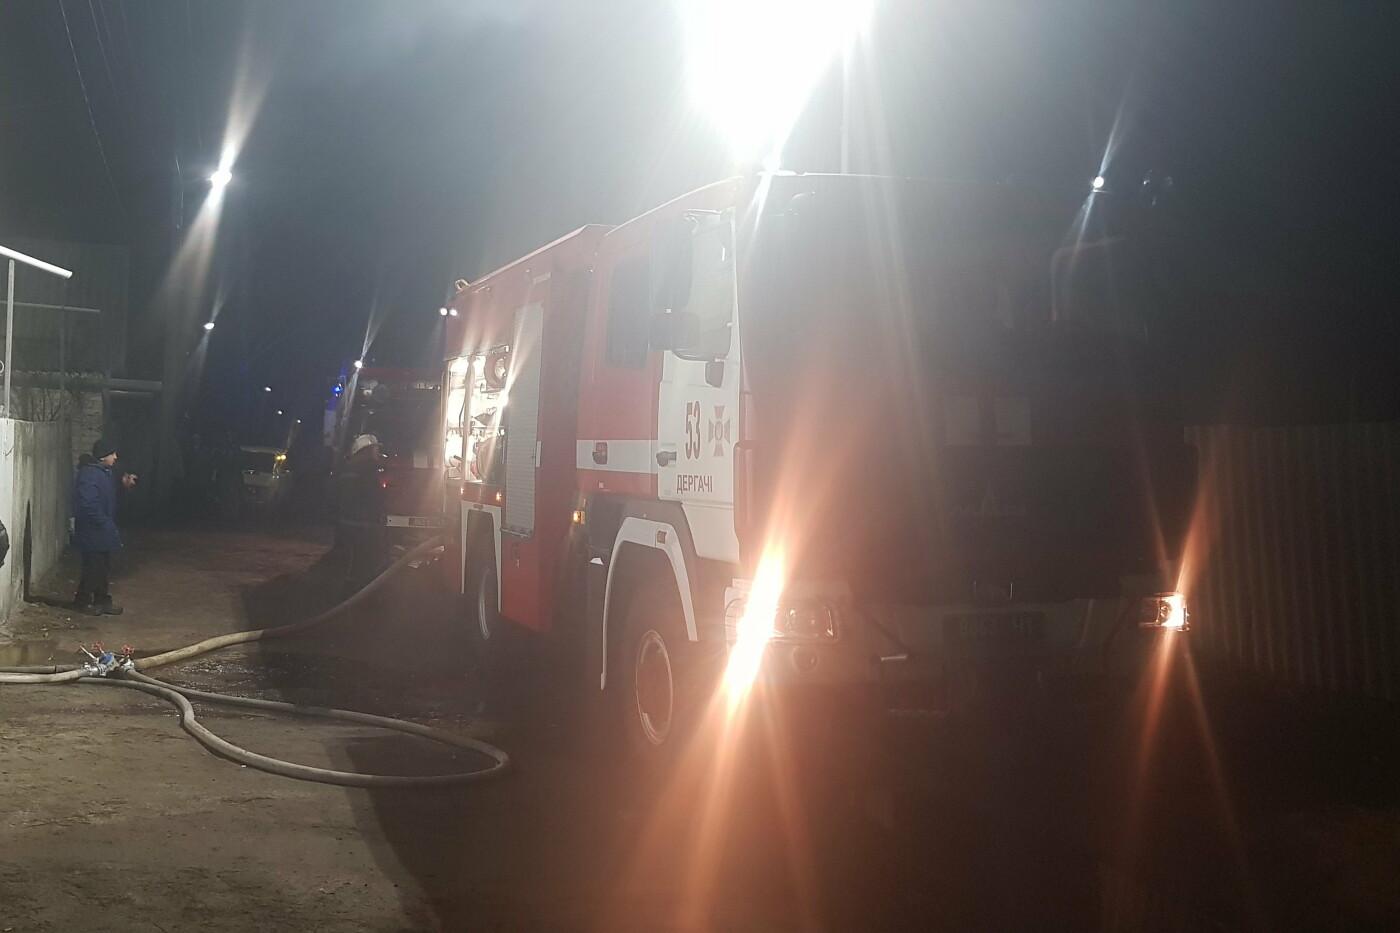 Под Харьковом спасатели несколько часов тушили масштабный пожар в частном доме, - ФОТО, фото-4